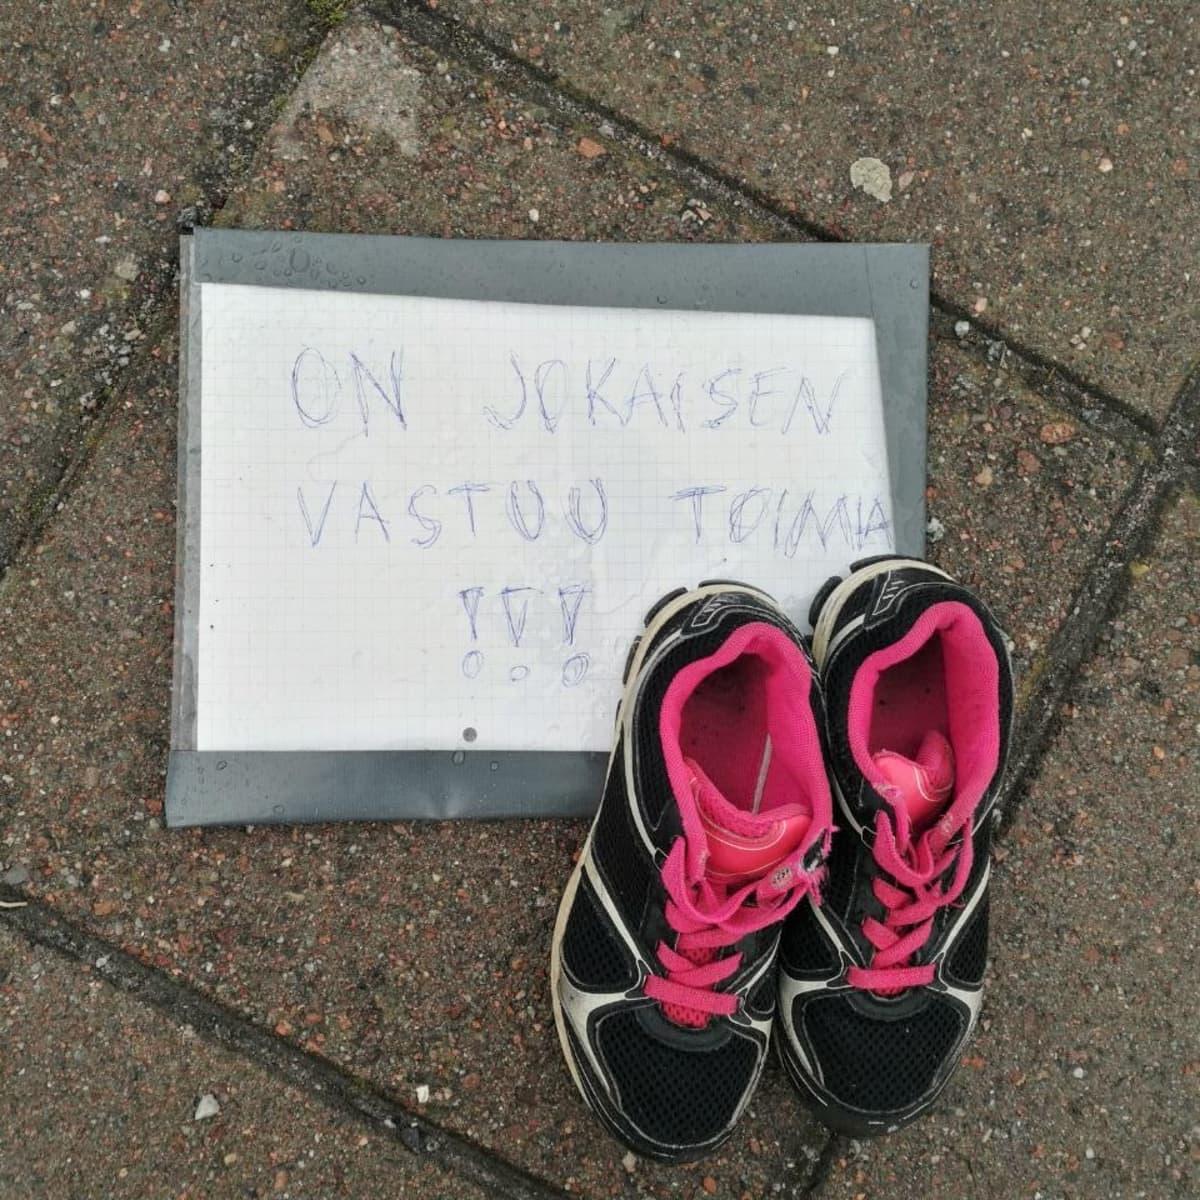 Kenkäkapina Turun Varvintorilla ilmaston puolesta.